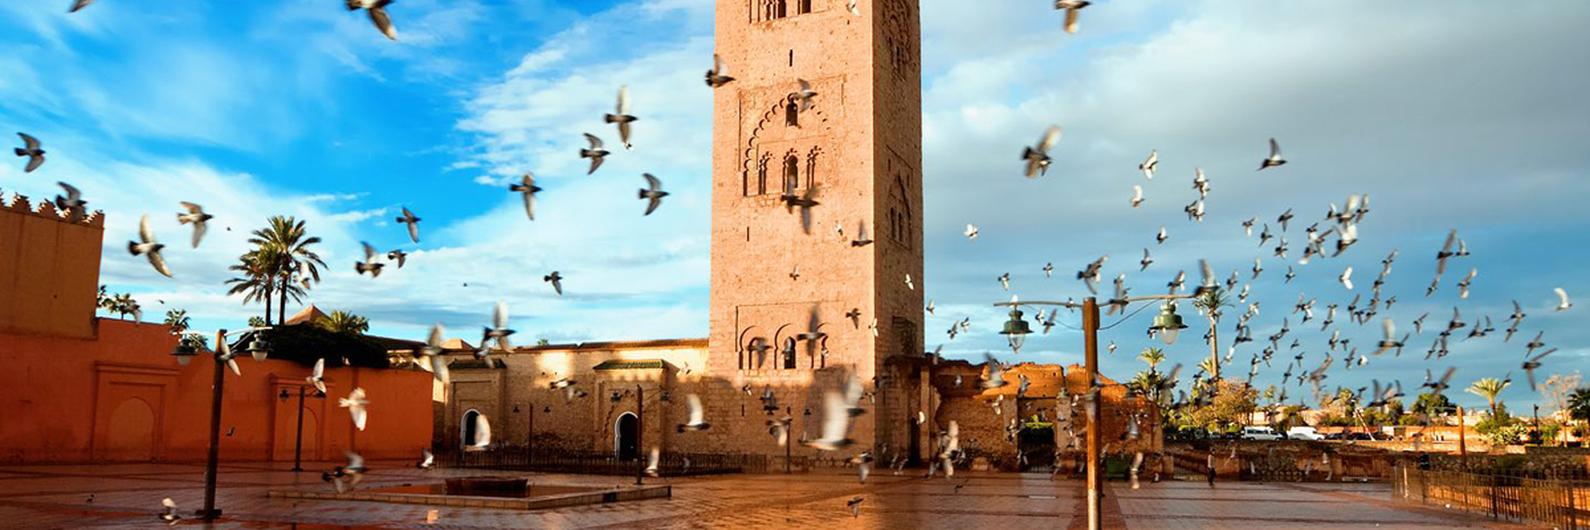 Perca-se pela inesquecível cidade exótica de Marraquexe